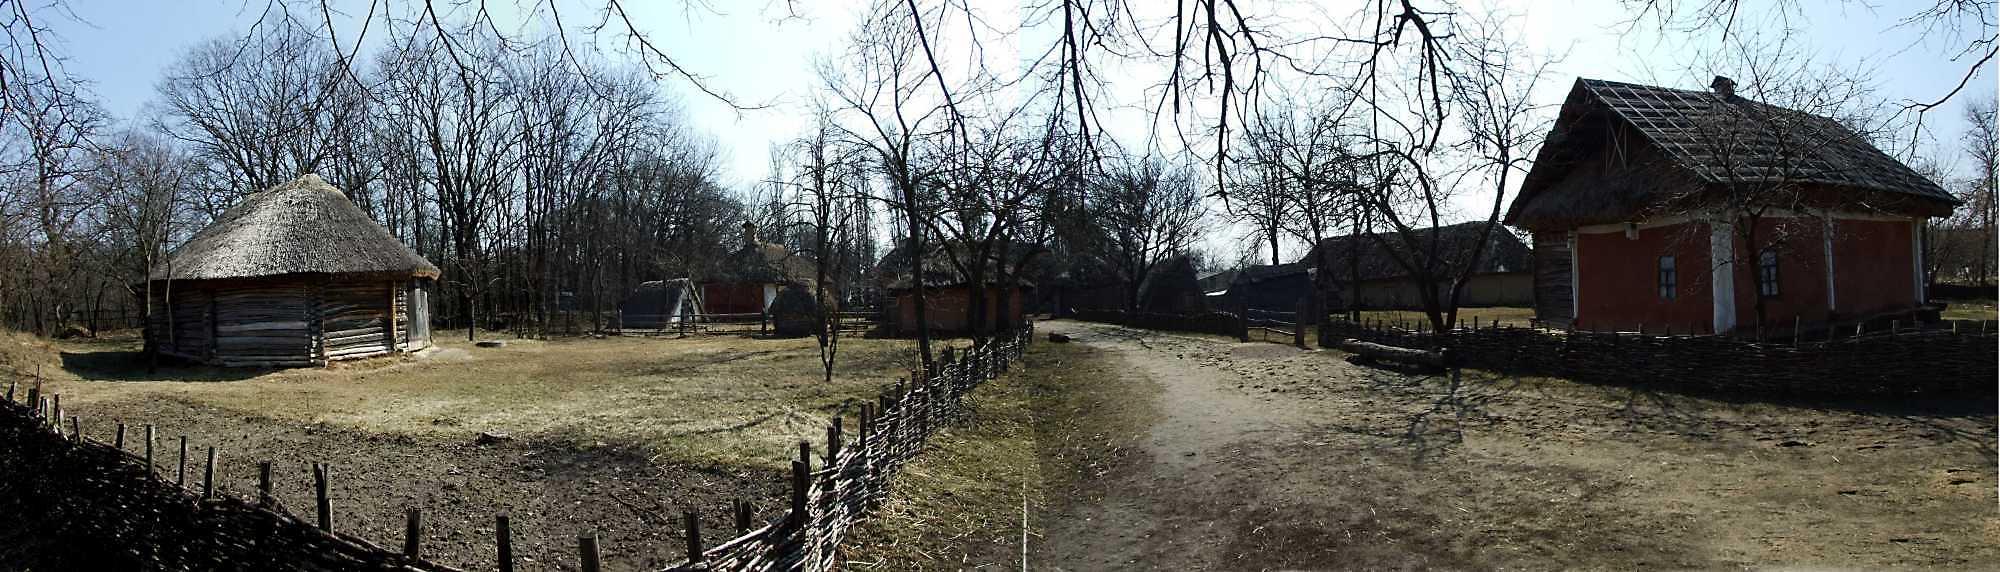 2011 р. Панорама садиби 2, вулиці і садиби 1